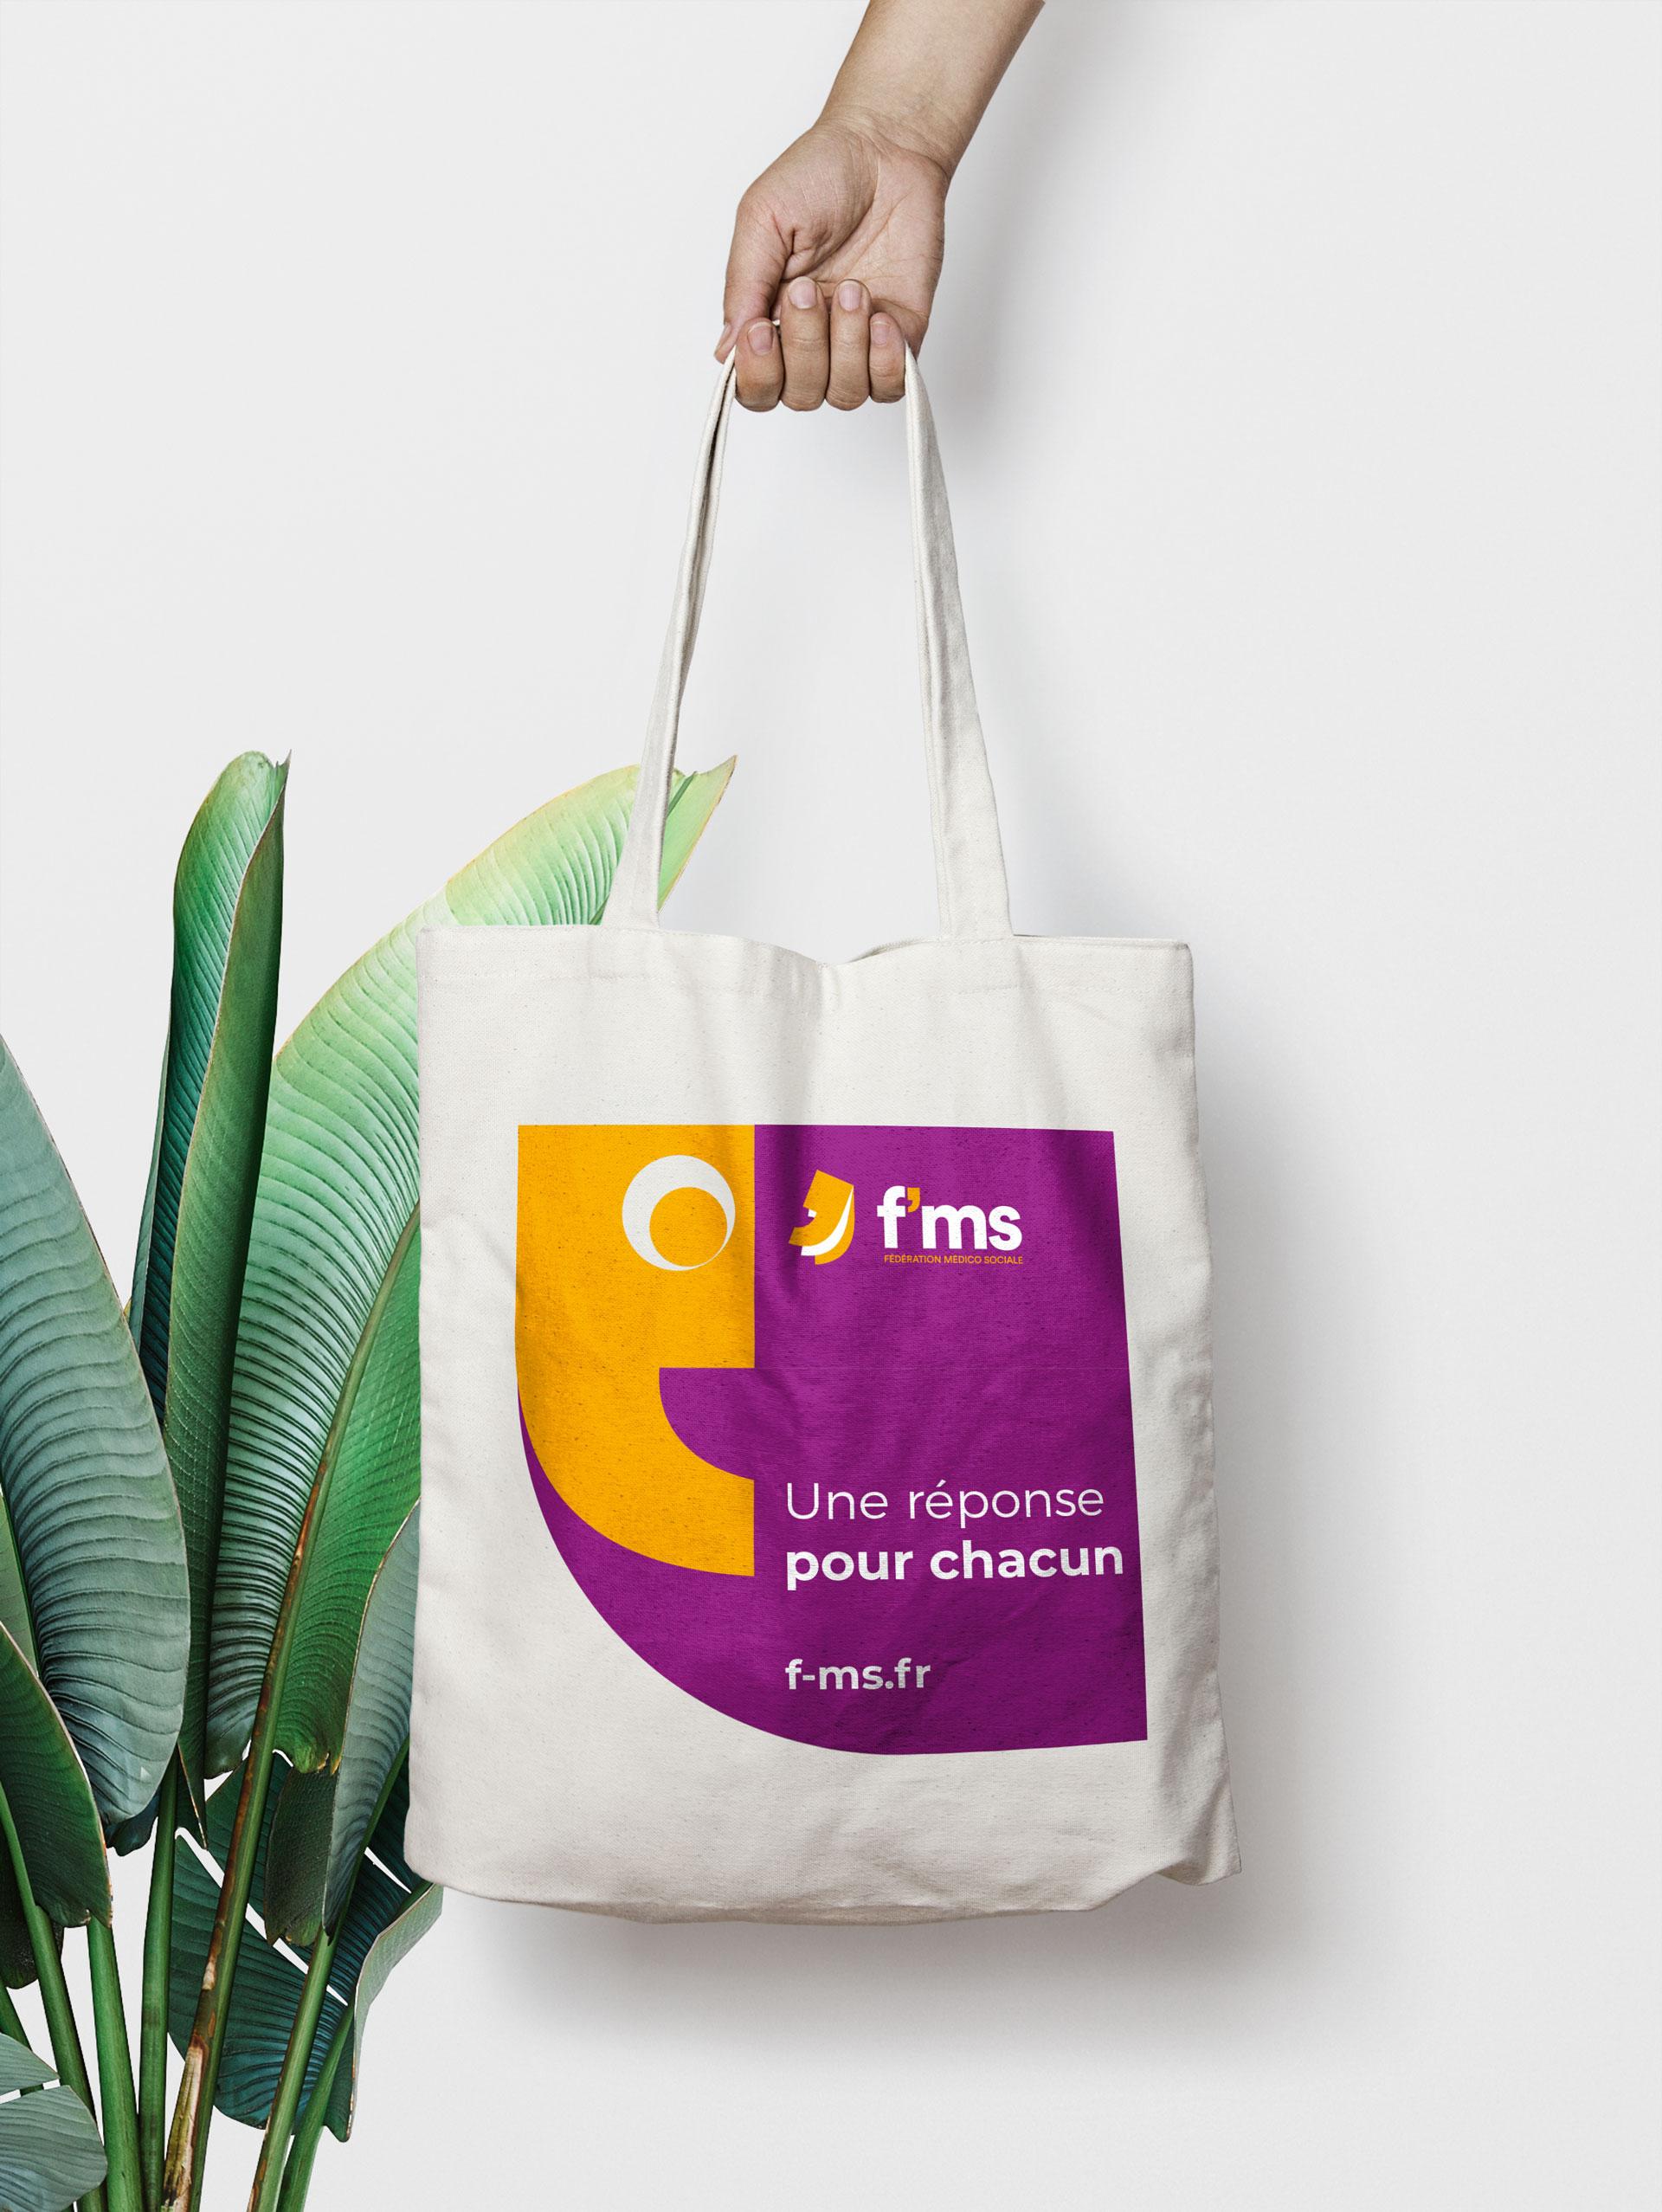 lezardscreation agence communication publicite vosges remiremont fms fms tote bag mockup blanc copie copie copie